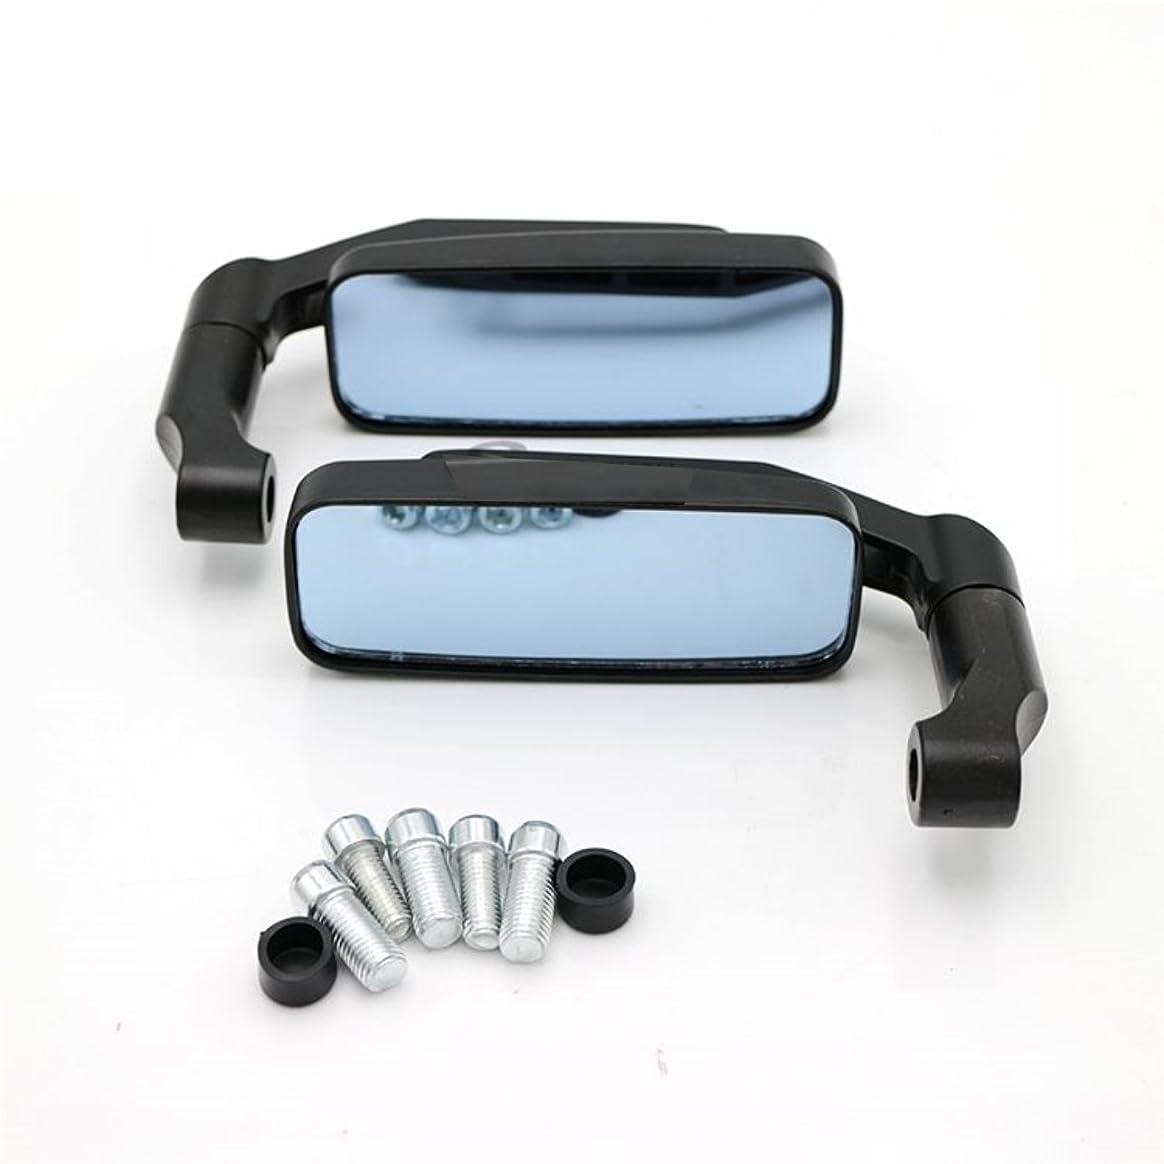 神聖漏斗パケットXSAJU バイク ミラー スクエア型 左右セット 正ネジ 逆ネジ 8mm 10mm付属 (ブラック)